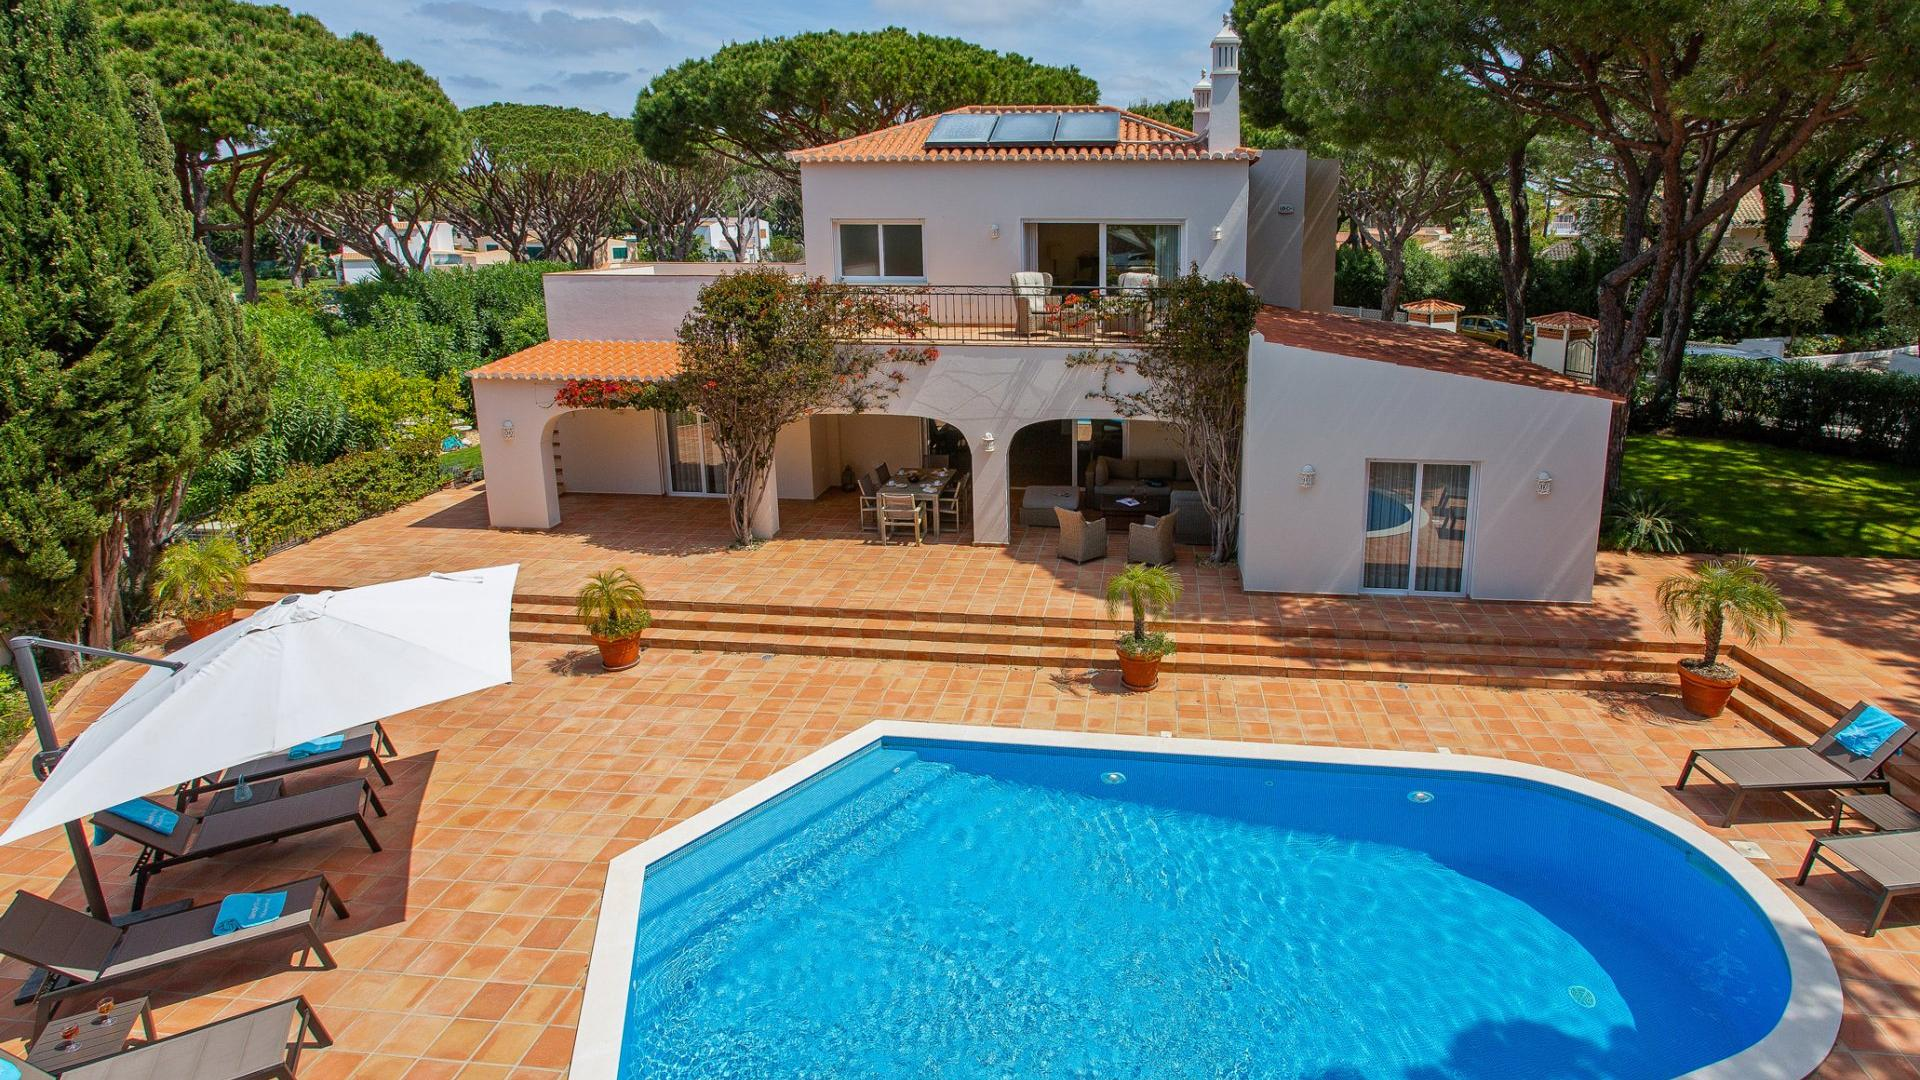 Villa Alma - Vale do Lobo, Algarve - _P1_6321_1.jpg